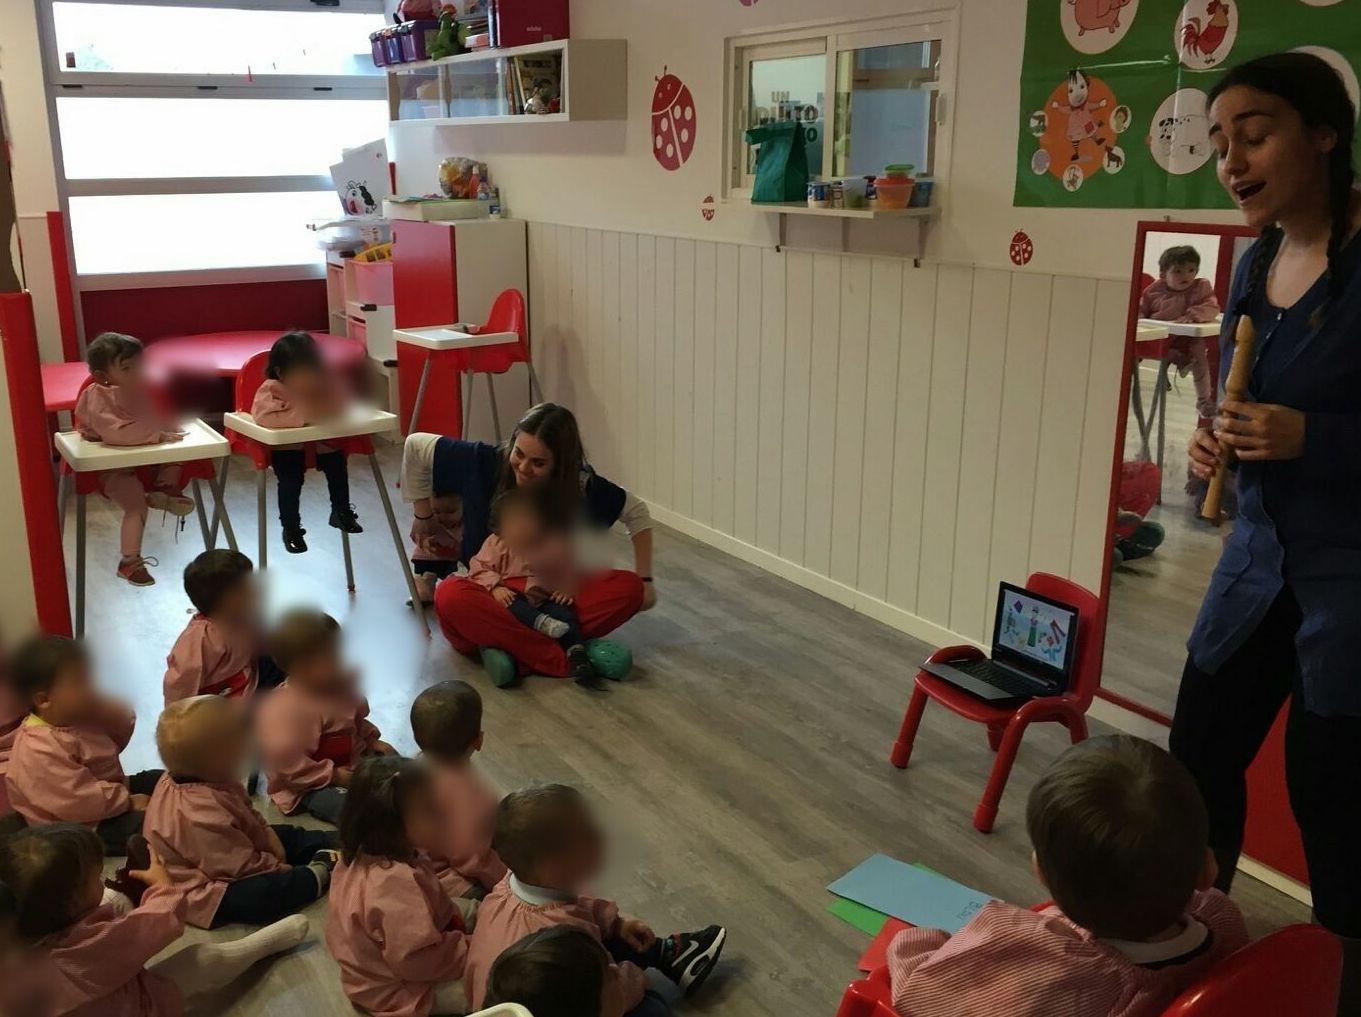 Escuela infantil, talleres, ludoteca y celebración de cumpleaños infantiles en León